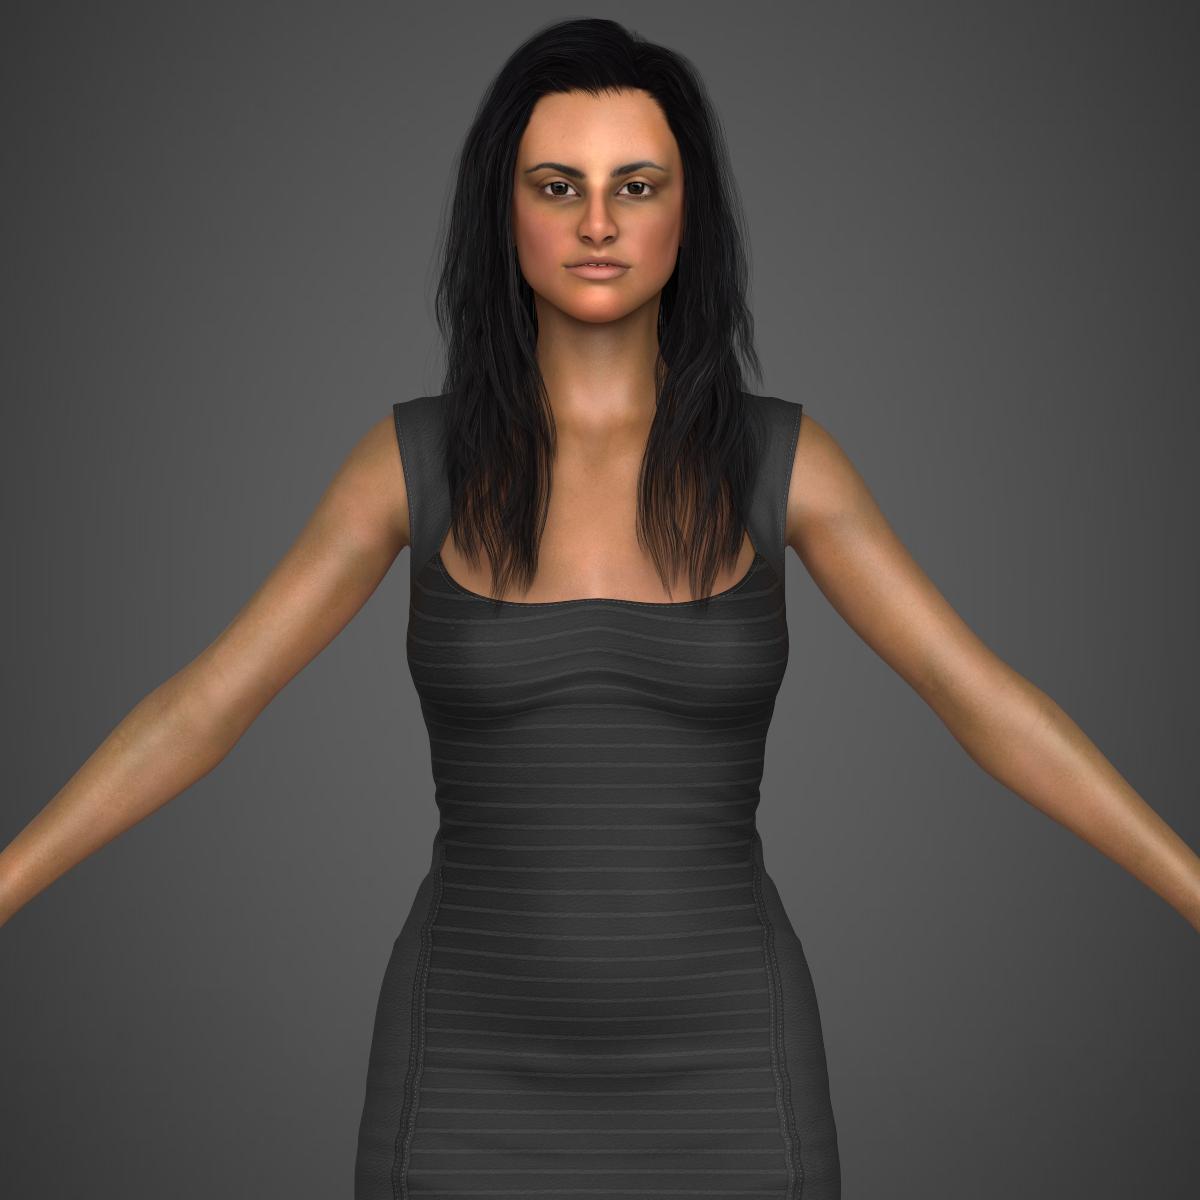 young sexy woman 3d model max fbx c4d ma mb texture obj 221213